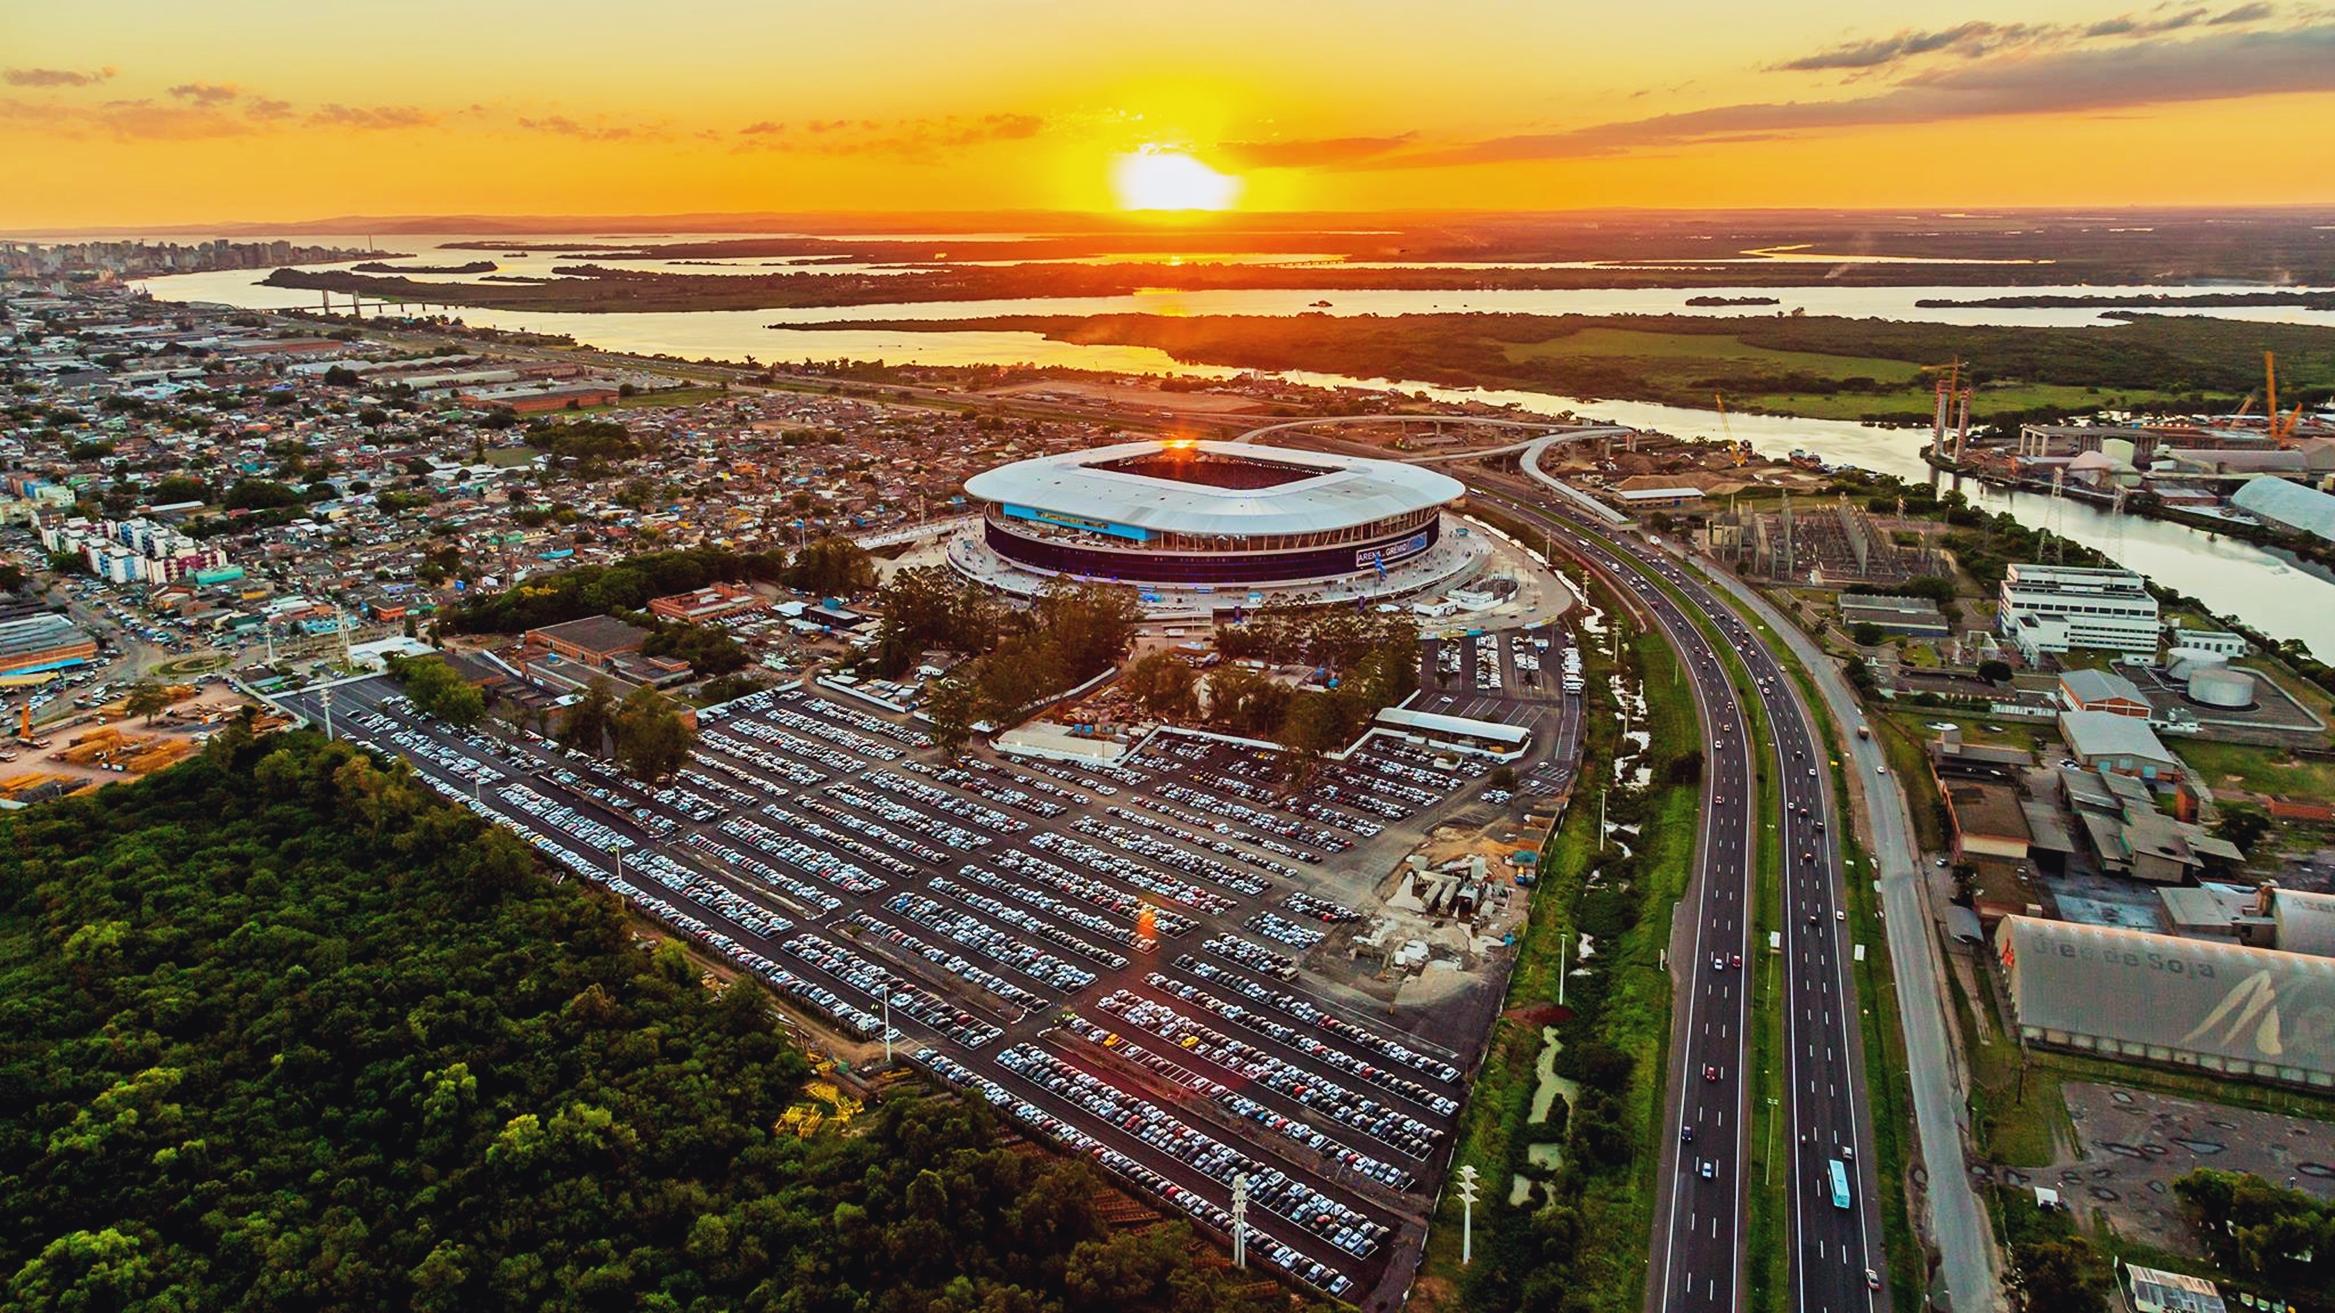 c7d822a0f 2335x1313 px Gremio Porto Alegre soccer clubs stadium